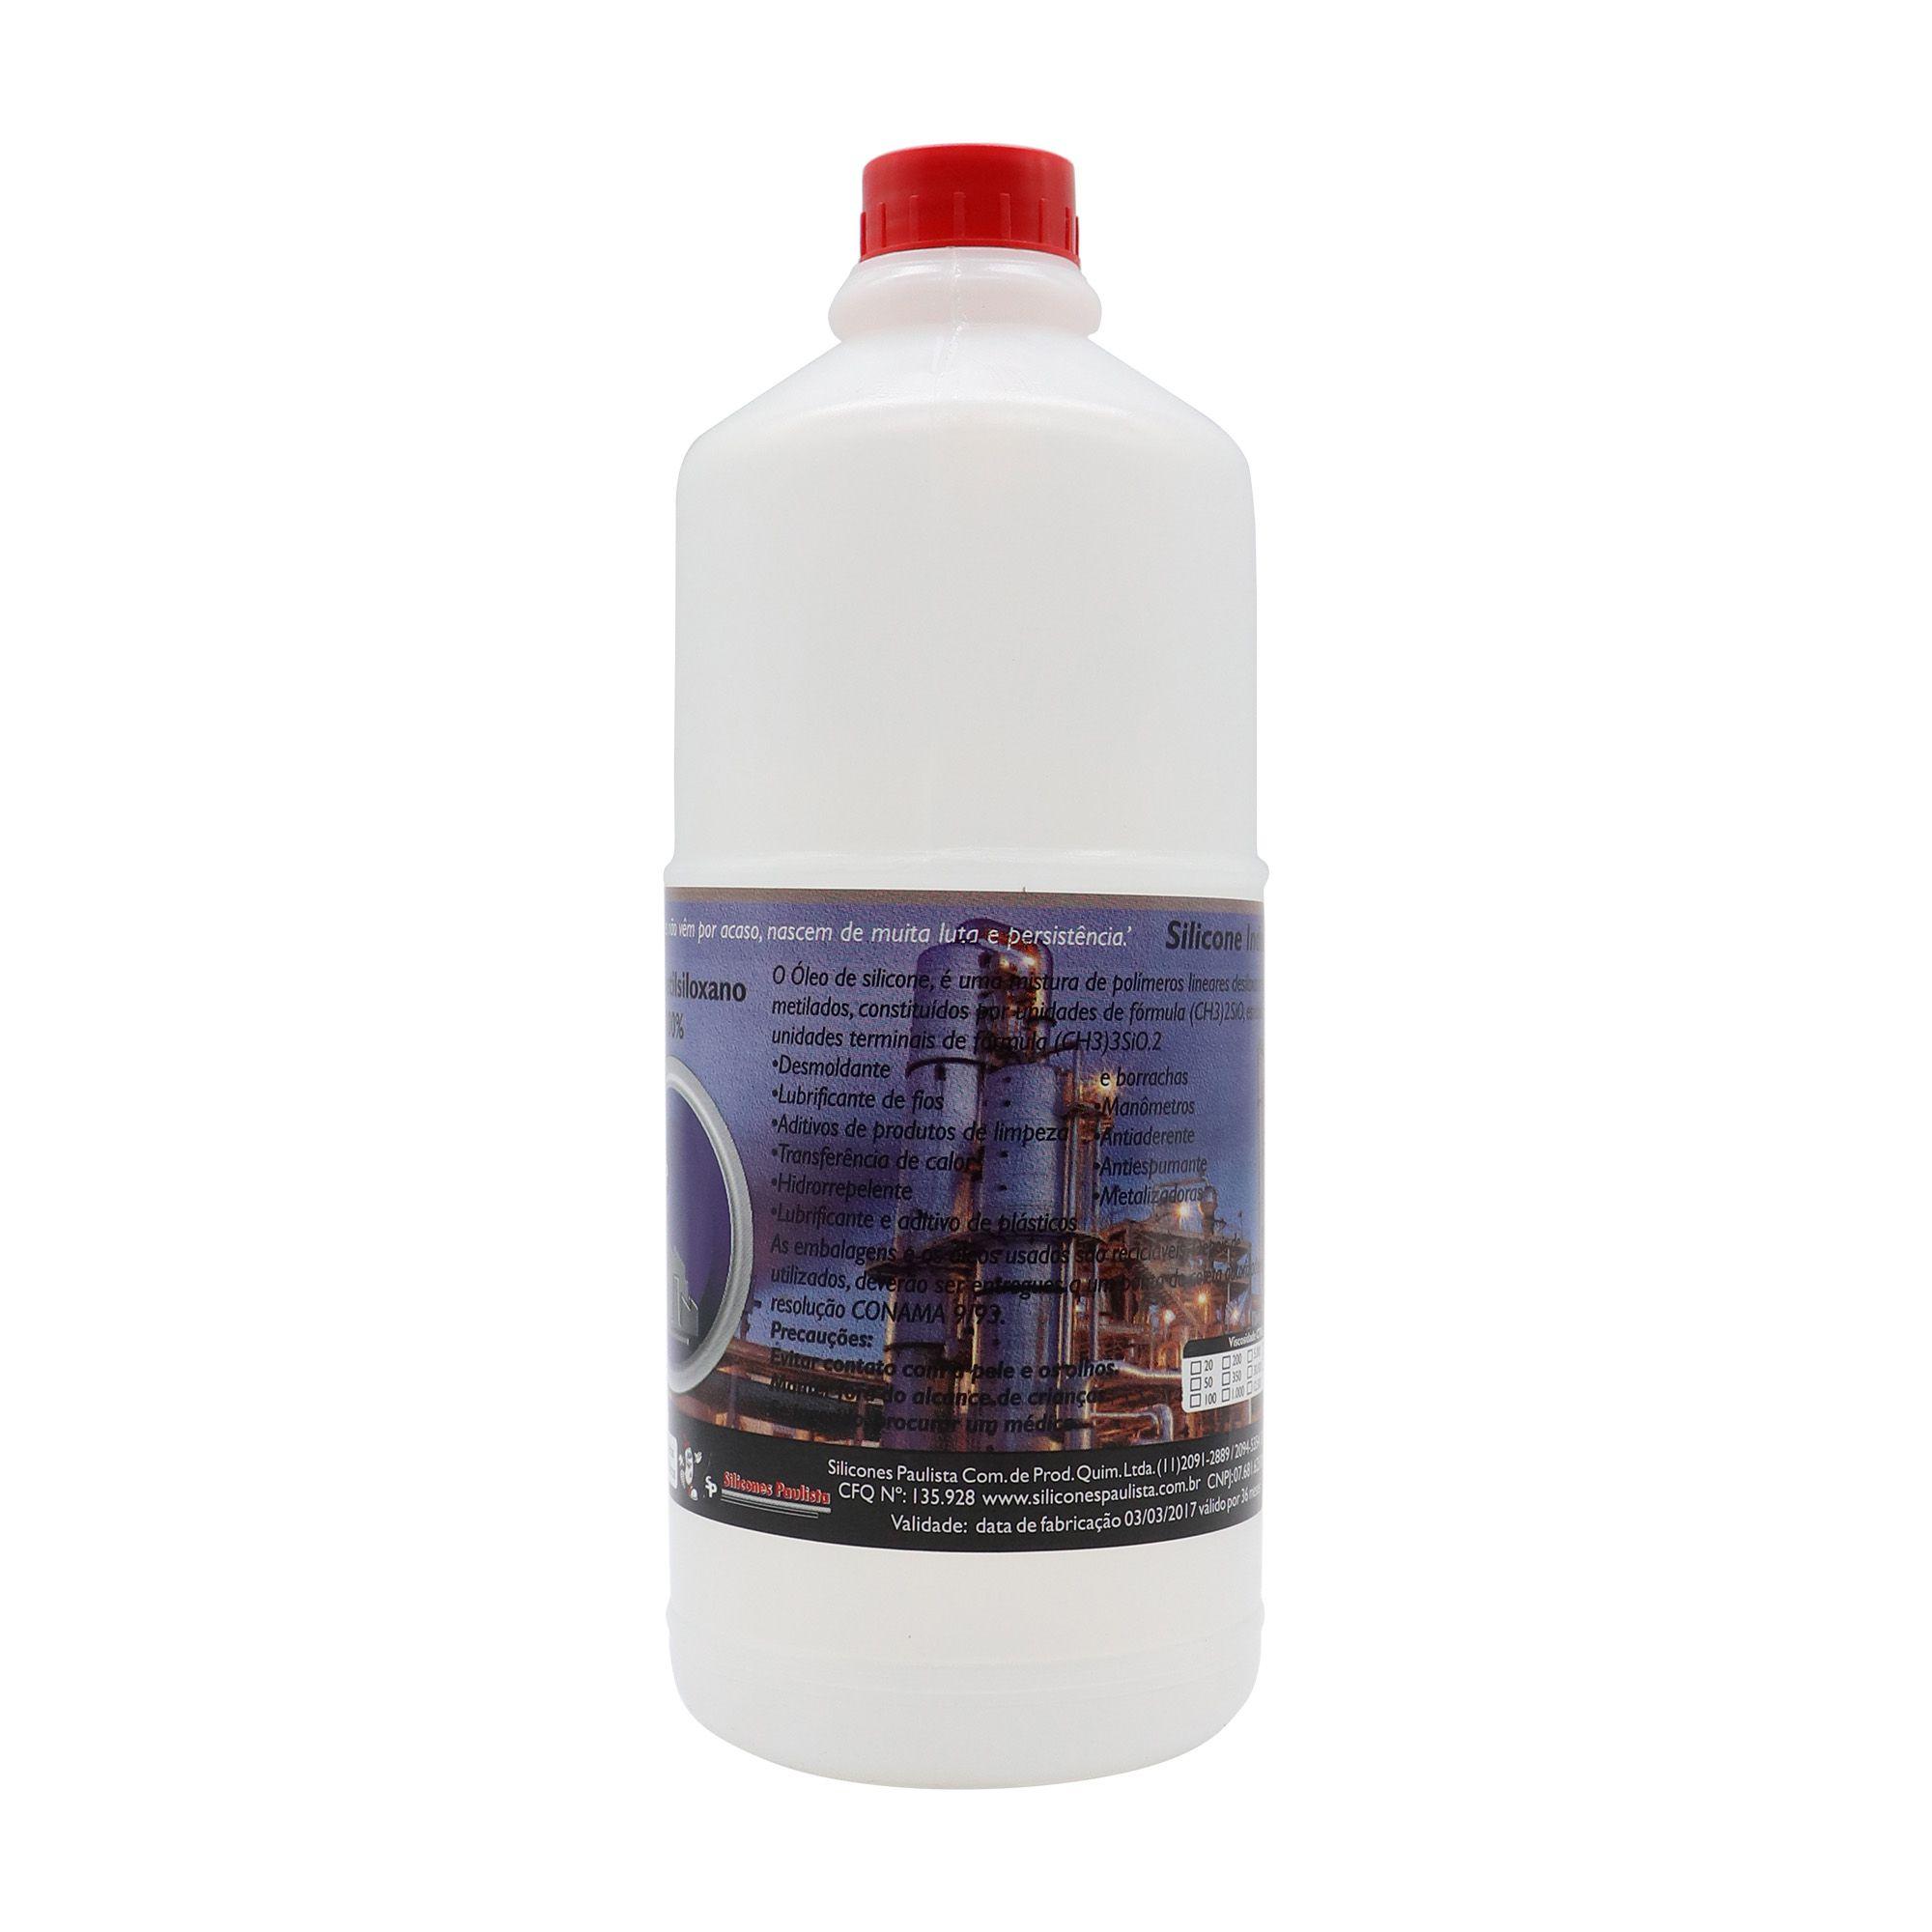 Fluido de Silicone 1L - VISCOSIDADE 1.000